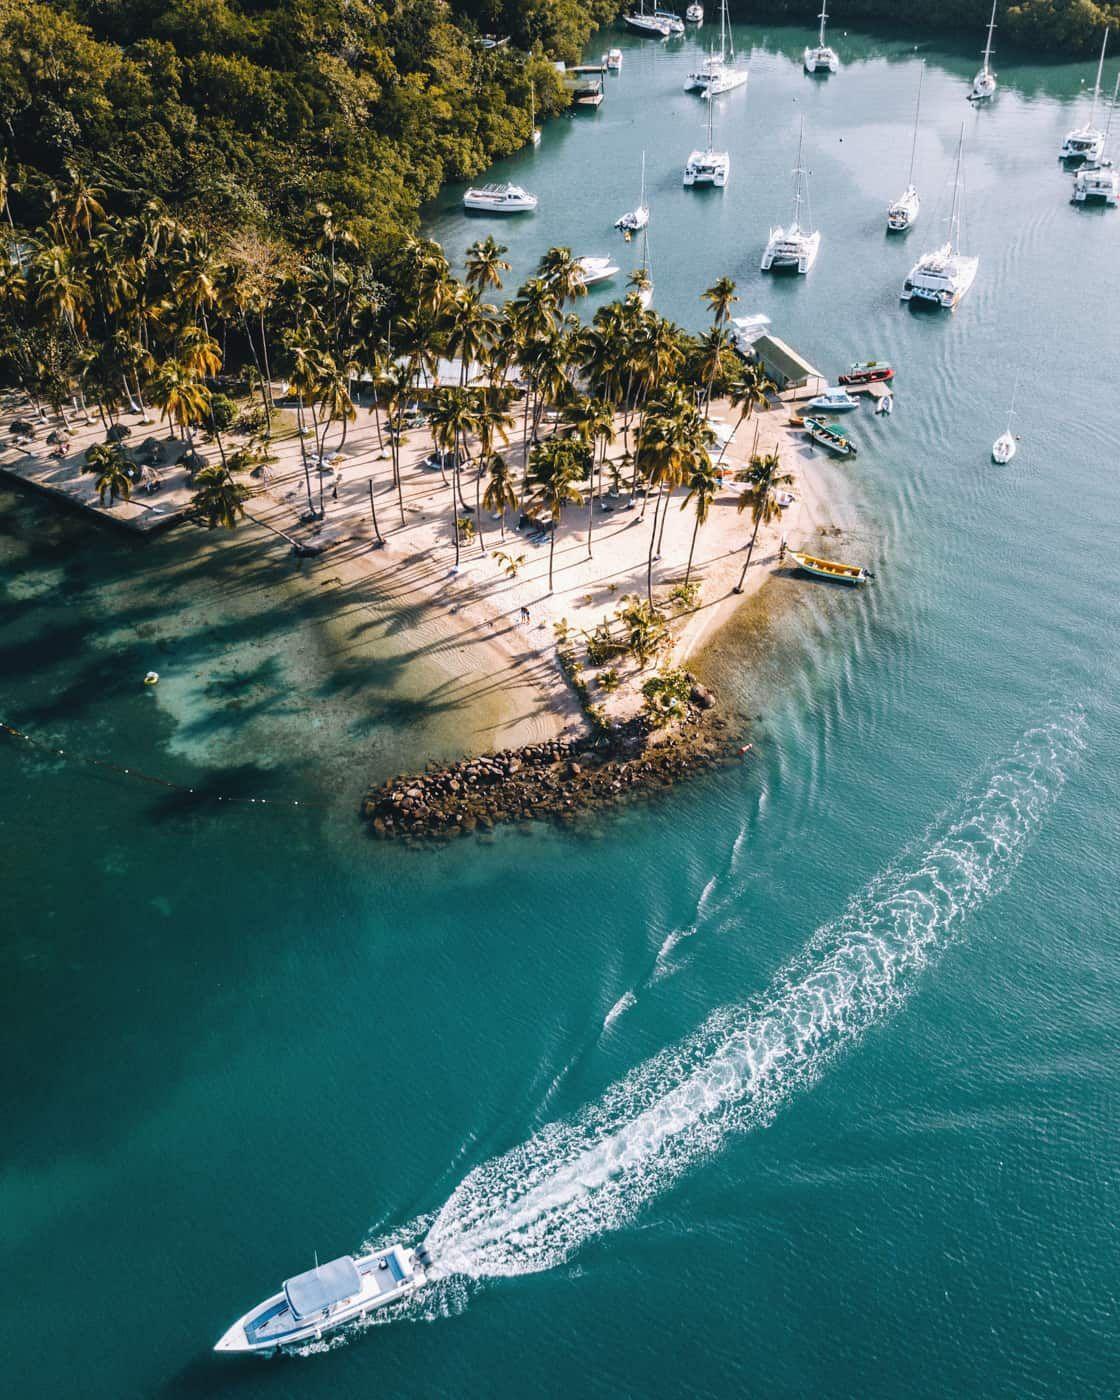 Saint Lucia Urlaub Die Besten Tipps Strande Und Sehenswurdigkeiten Karibik Reisen Karibik Meer Karibik Urlaub